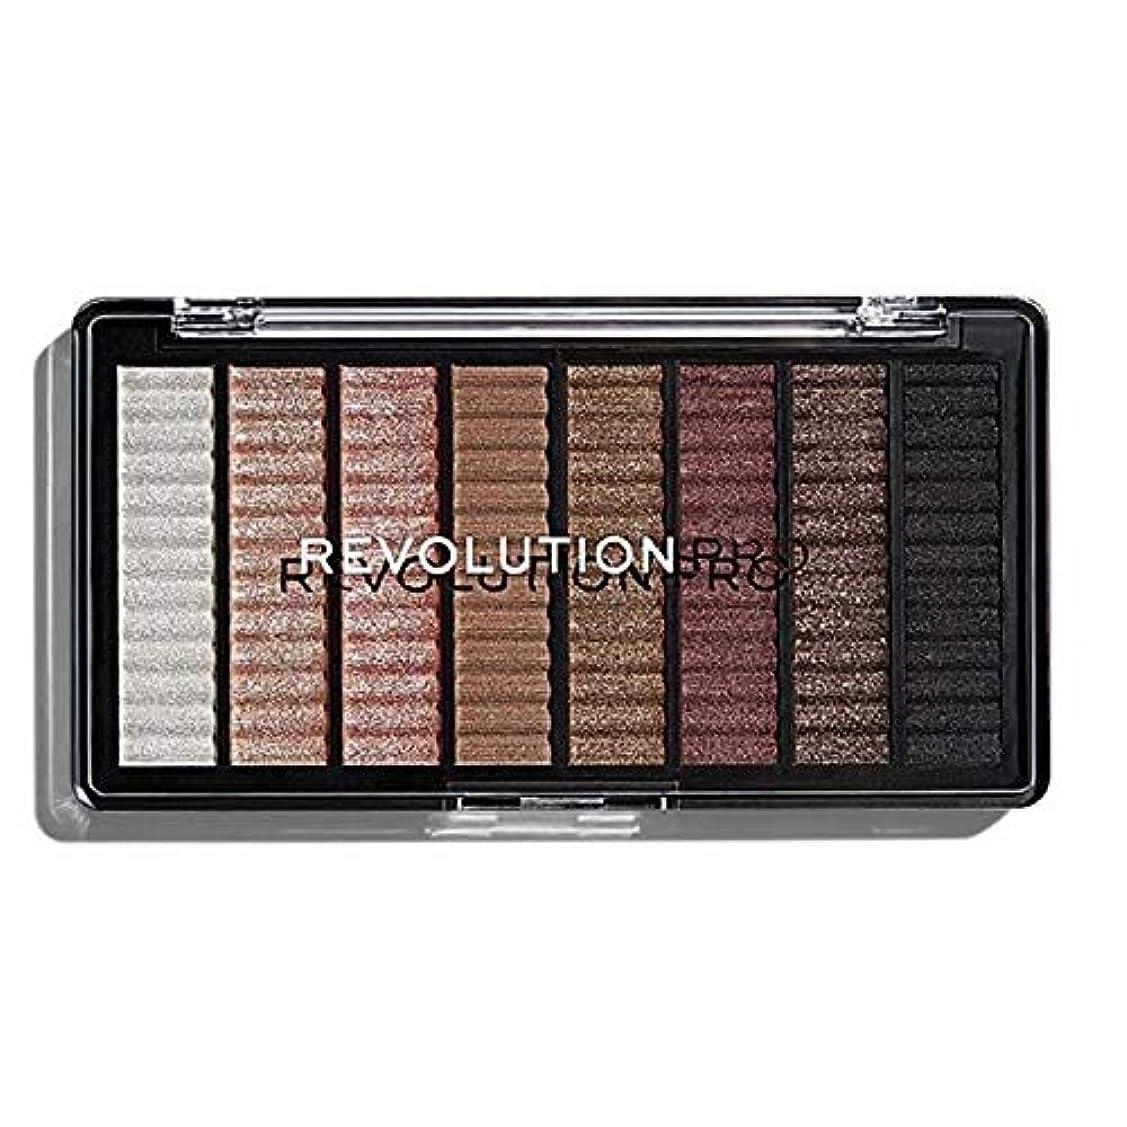 処分した上級脚本[Revolution ] 革命プロ最高のCaptivateアイシャドウパレット - Revolution Pro Supreme Captivate Eye Shadow Palette [並行輸入品]